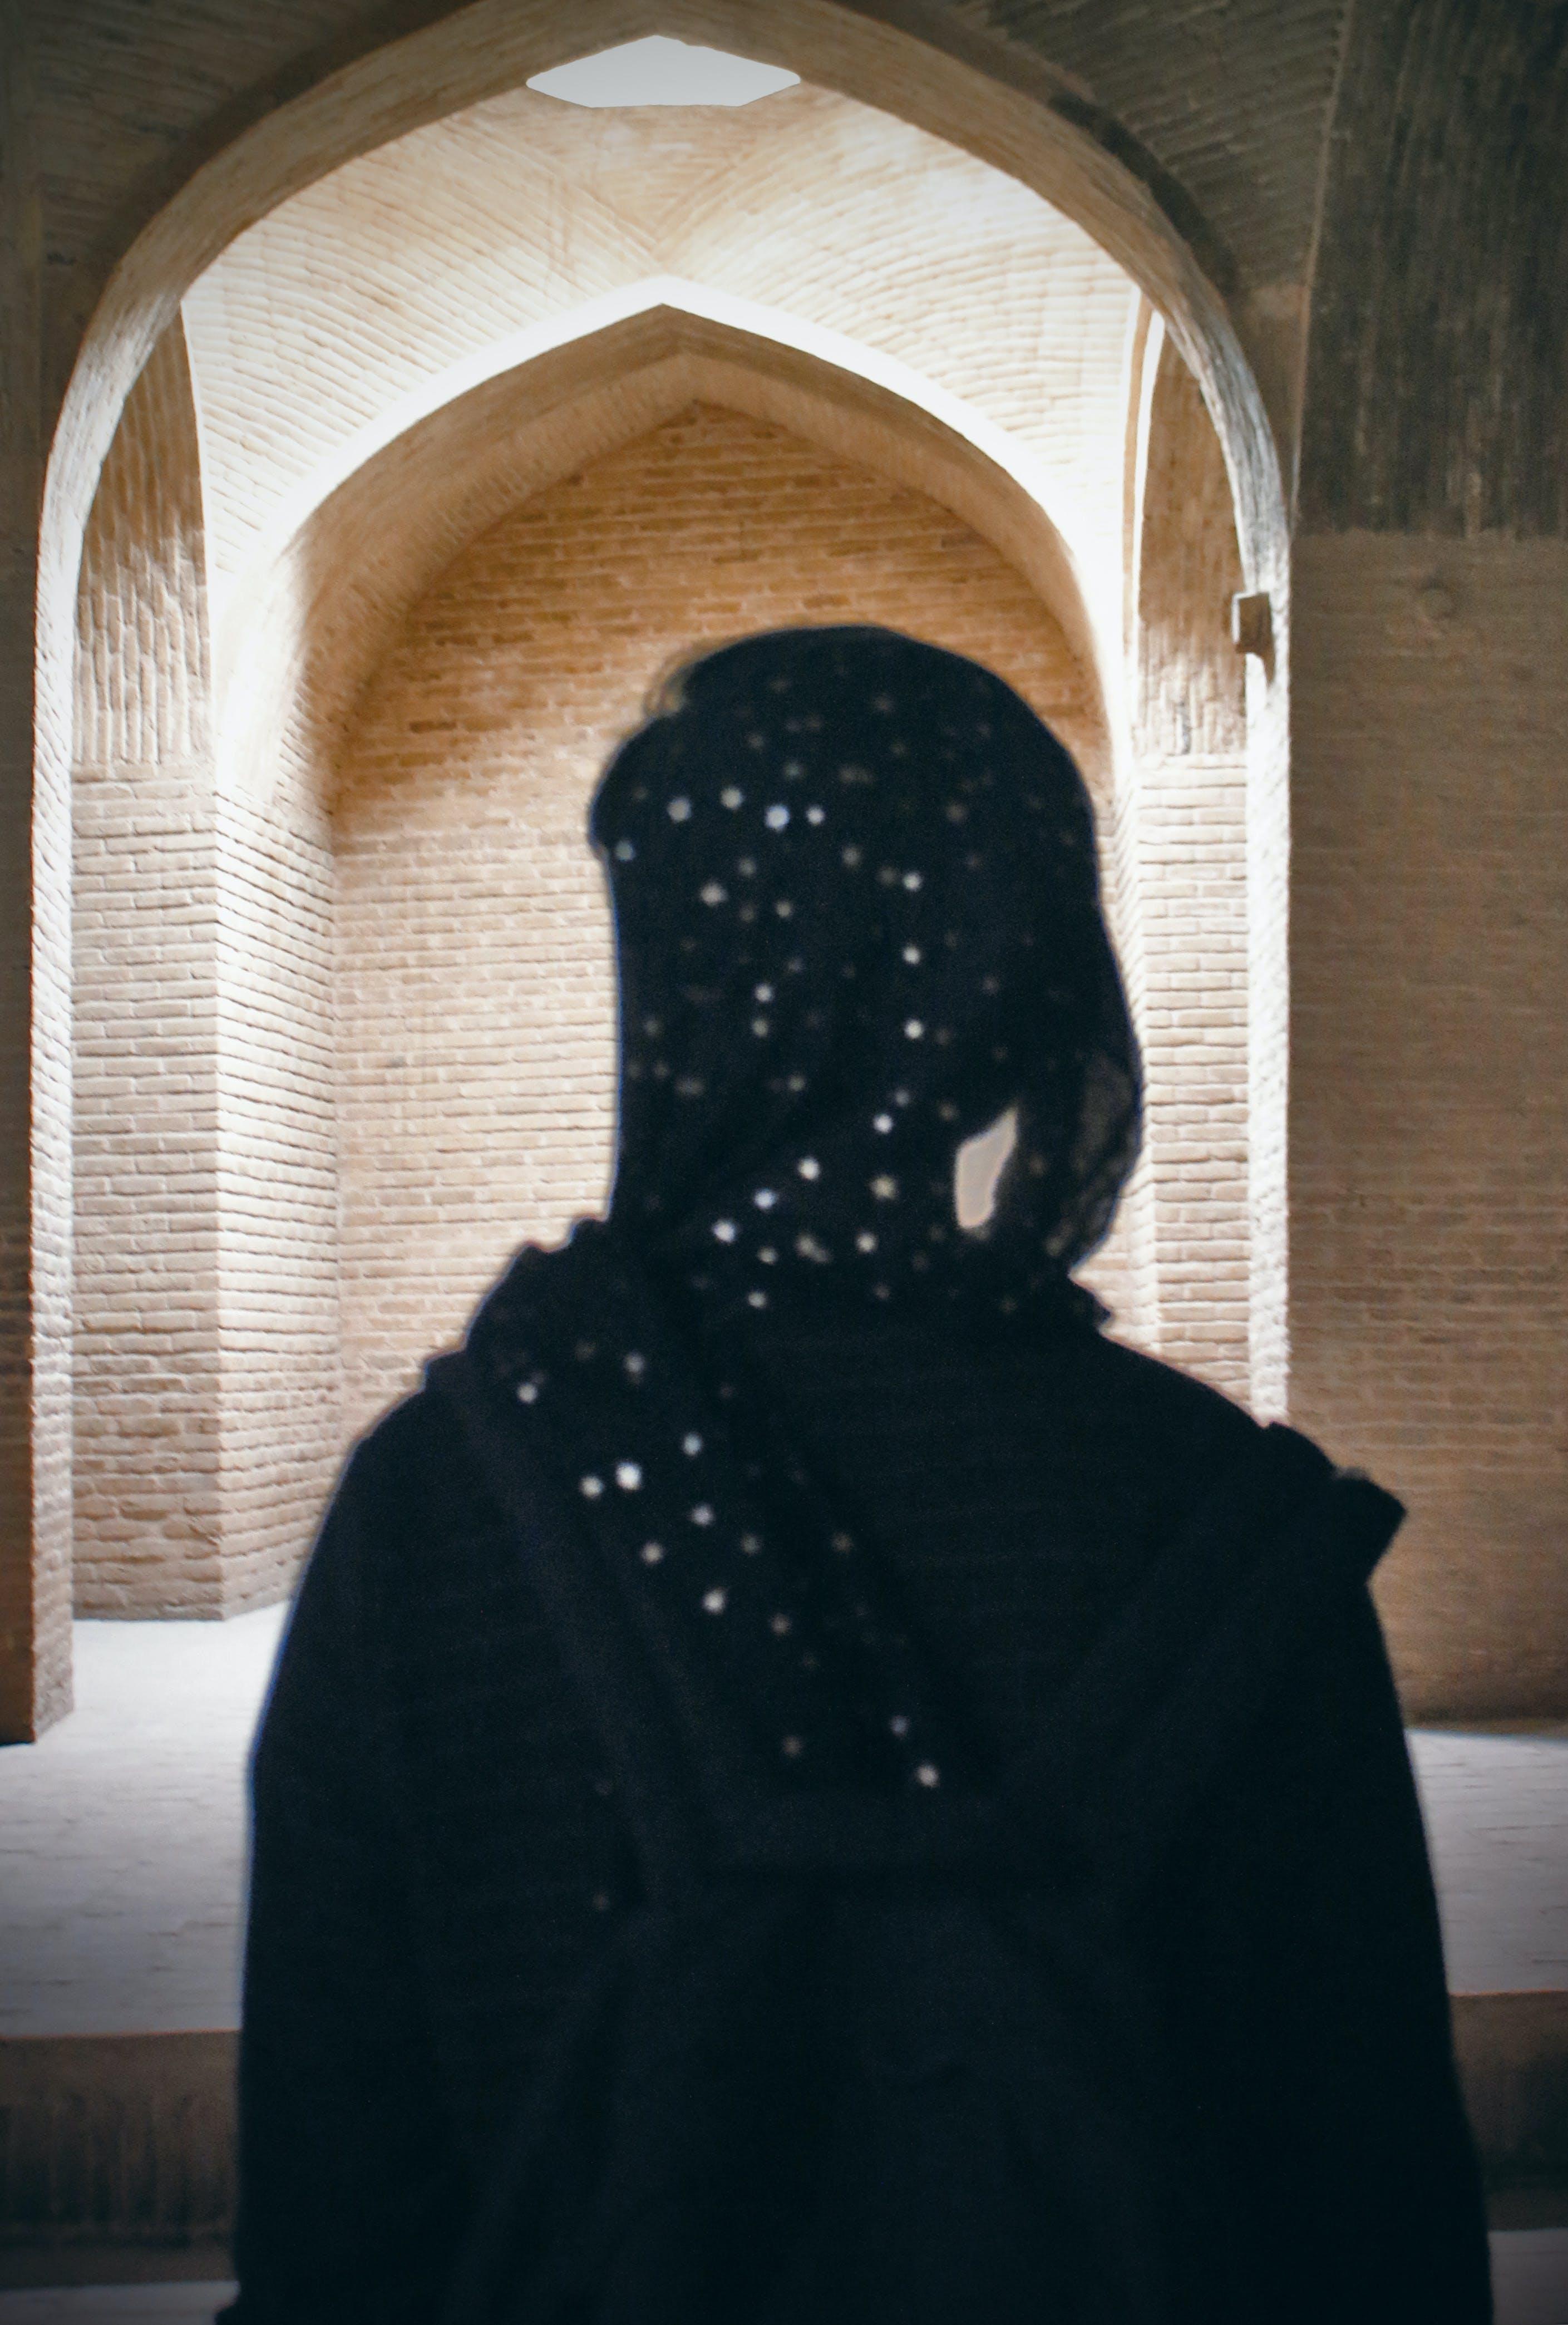 Free stock photo of girl, Iran, isfehan, islamic